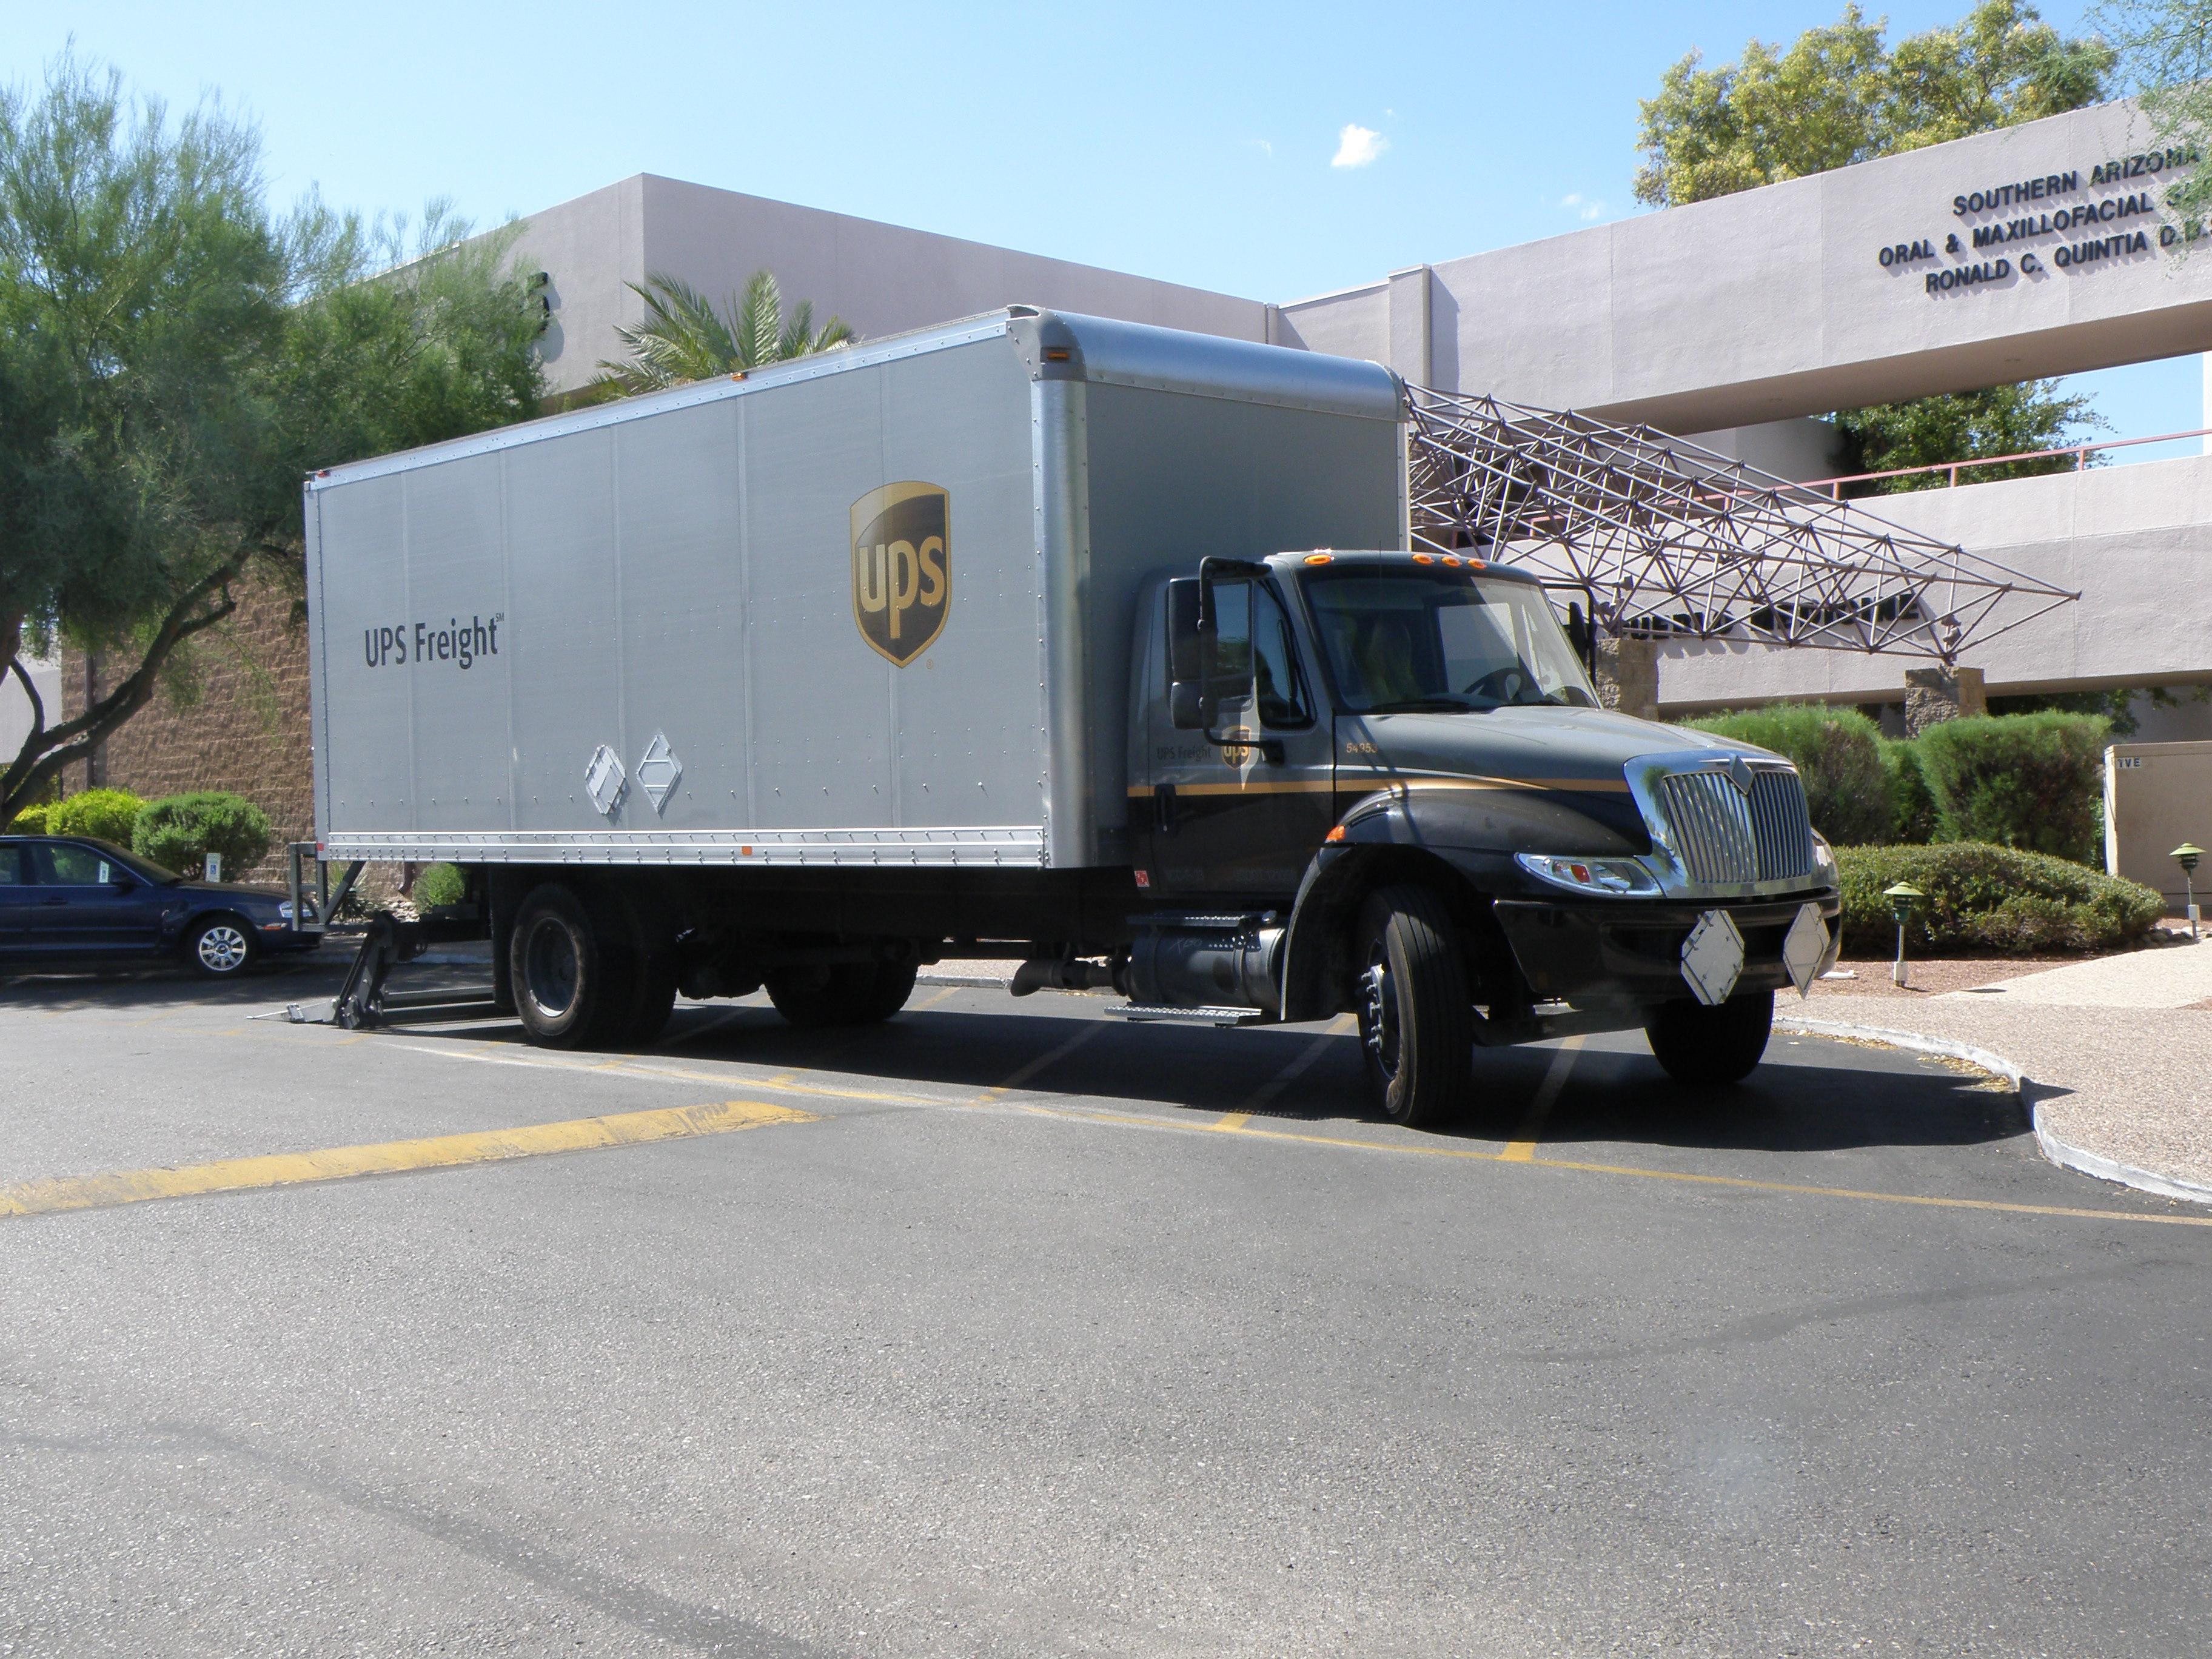 UPS Freight - Wikipedia